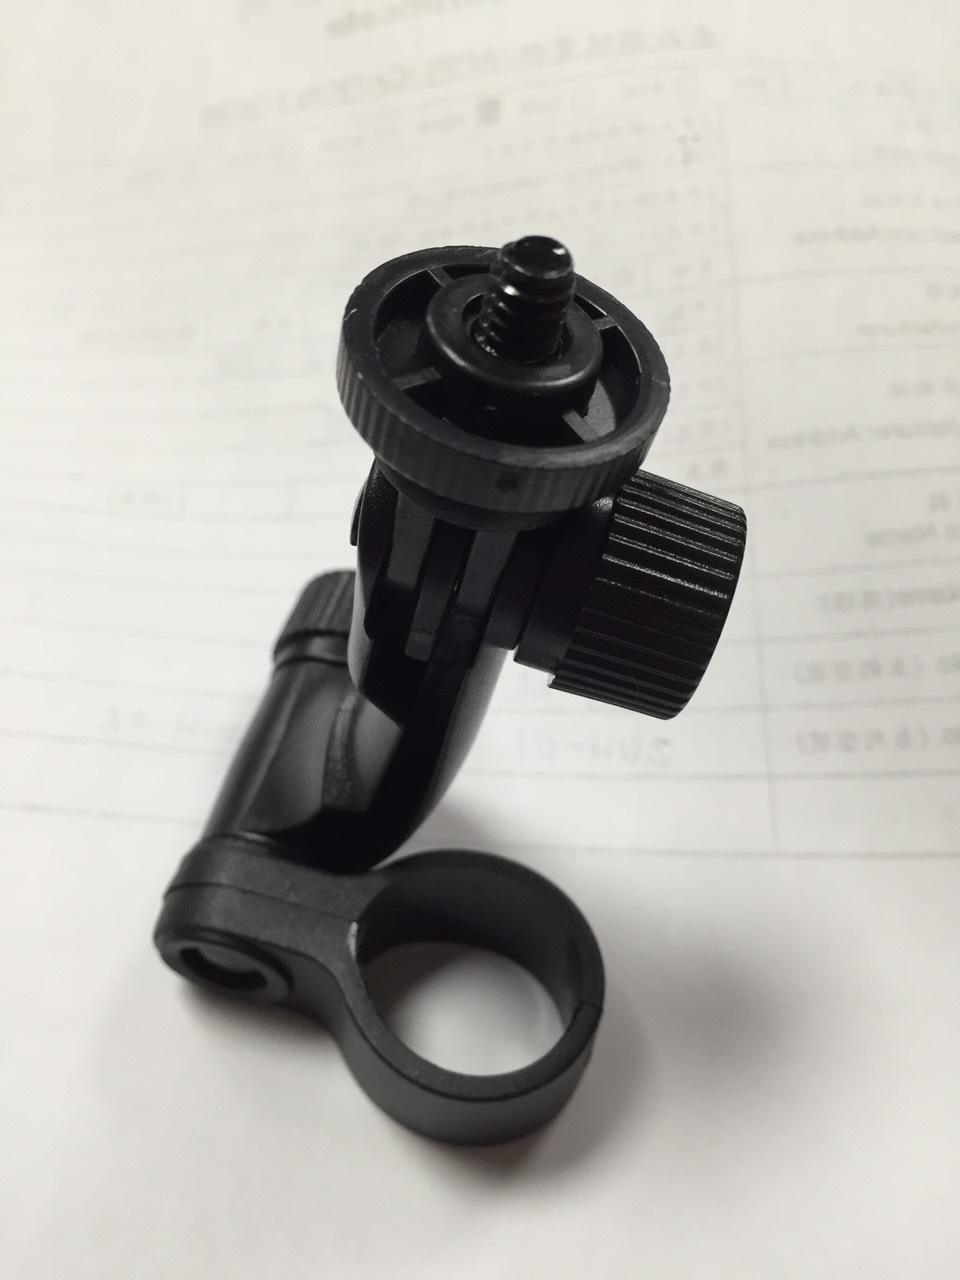 行車記錄儀支架相機雲台DV後視鏡支架鎖螺絲支架~不傷隔熱紙